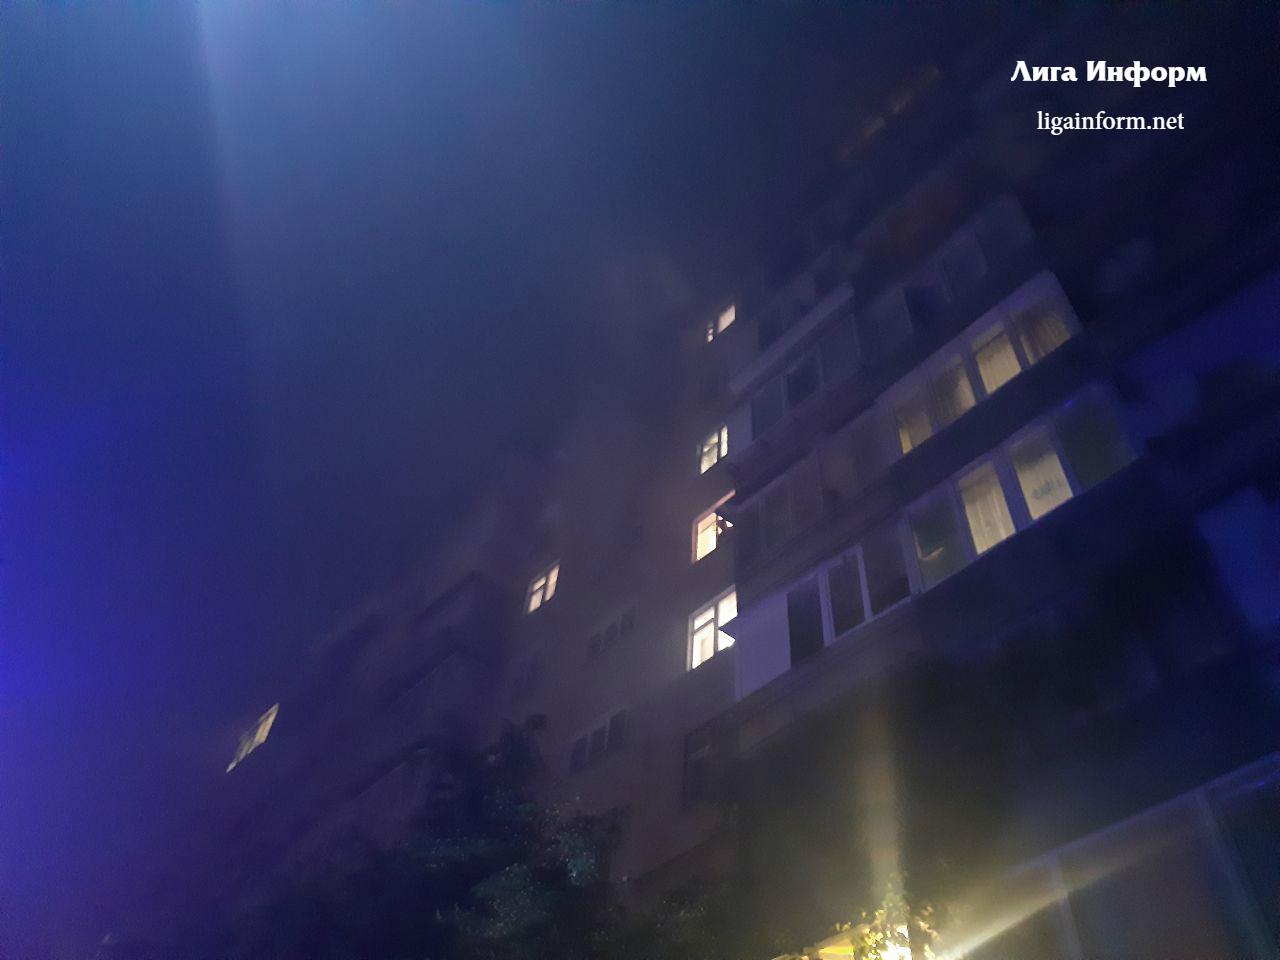 Под Киевом произошёл пожар со смертельным исходом